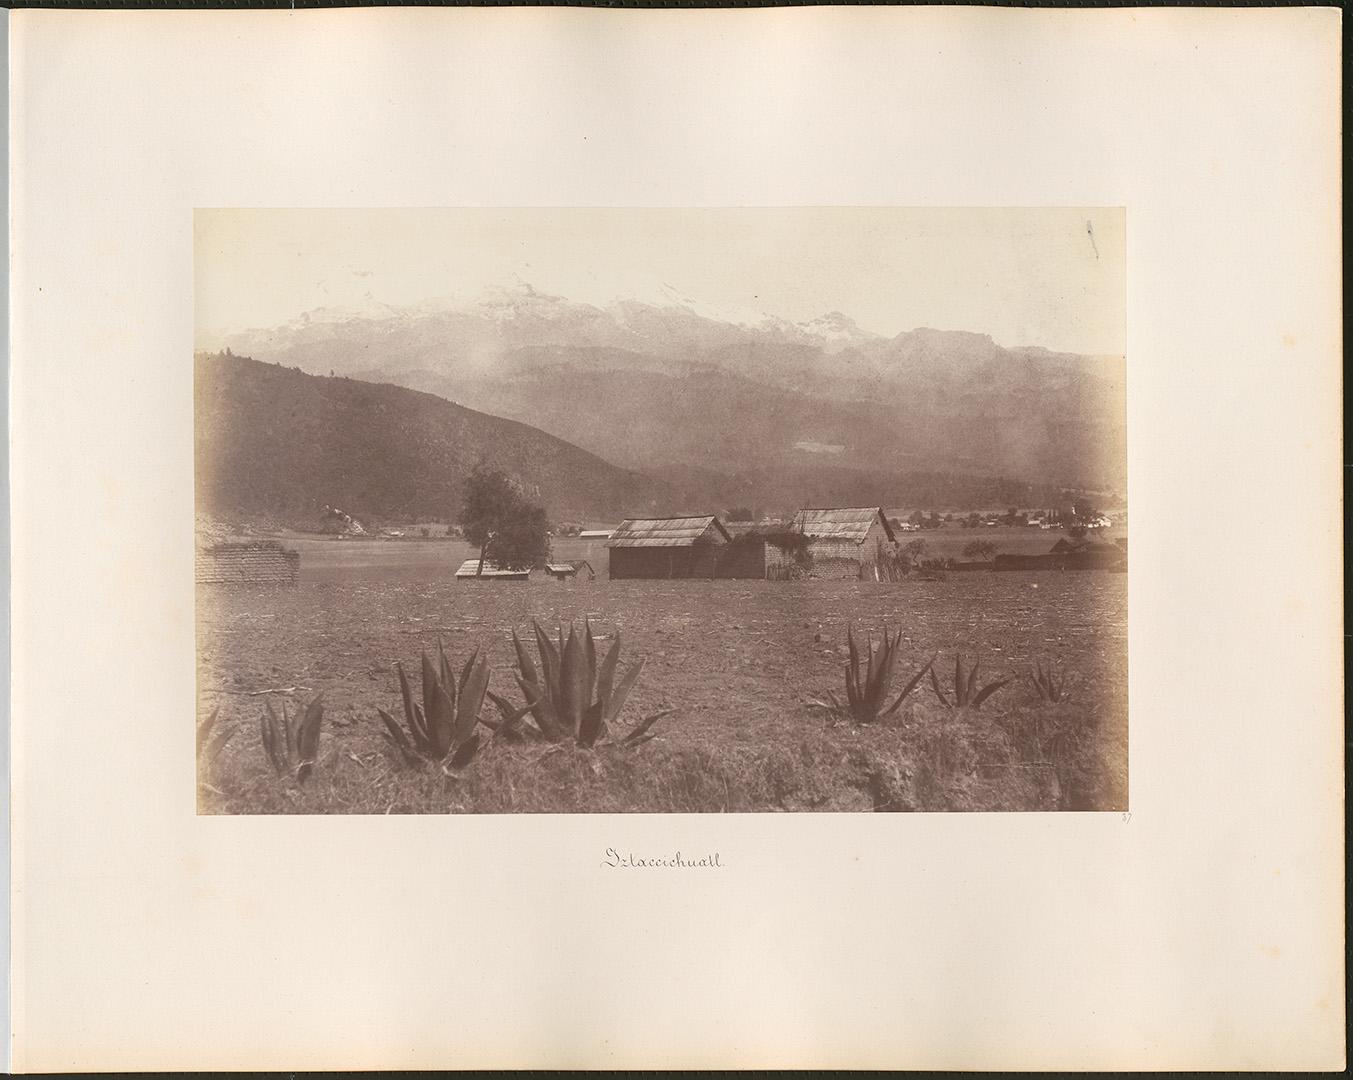 Fotó: Rosti Pál: Iztaccihuatl hegy, 1858, Mexikó © Magyar Fotográfiai Múzeum